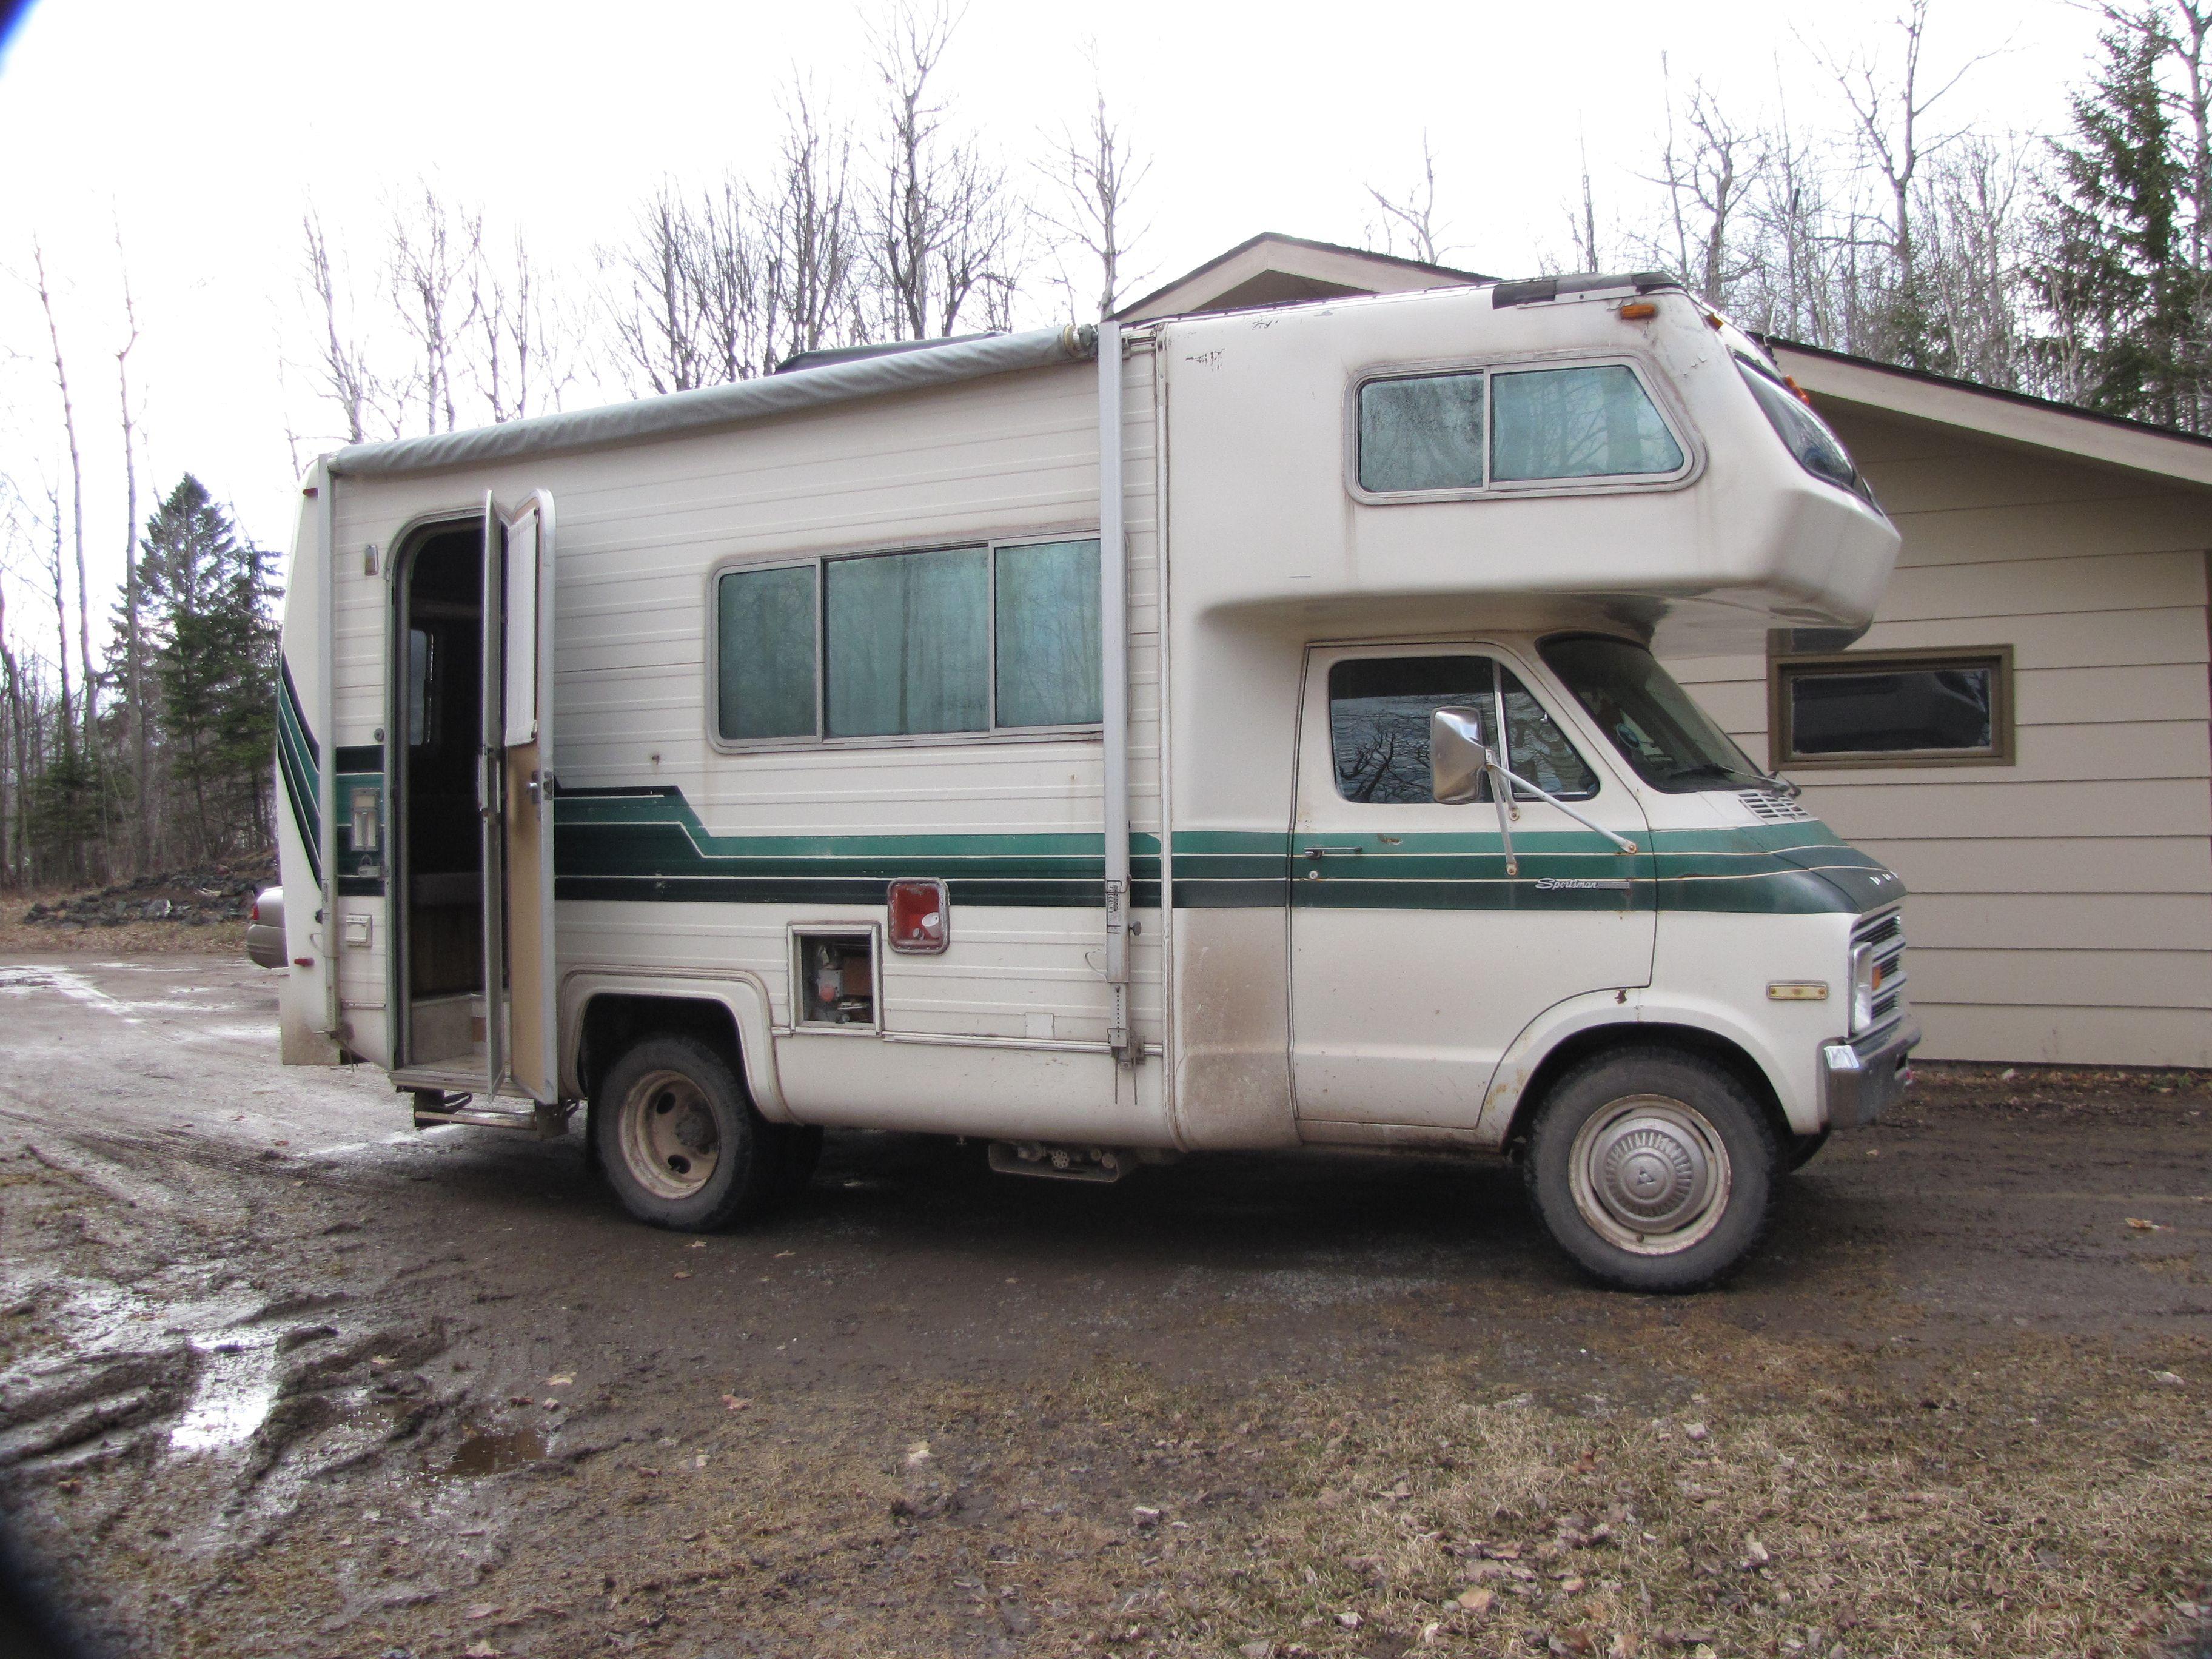 1975 Dodge Sportsman Rv Aka The Mean Green Machine Dodge Sportsman Vintage Rv Vintage Camper